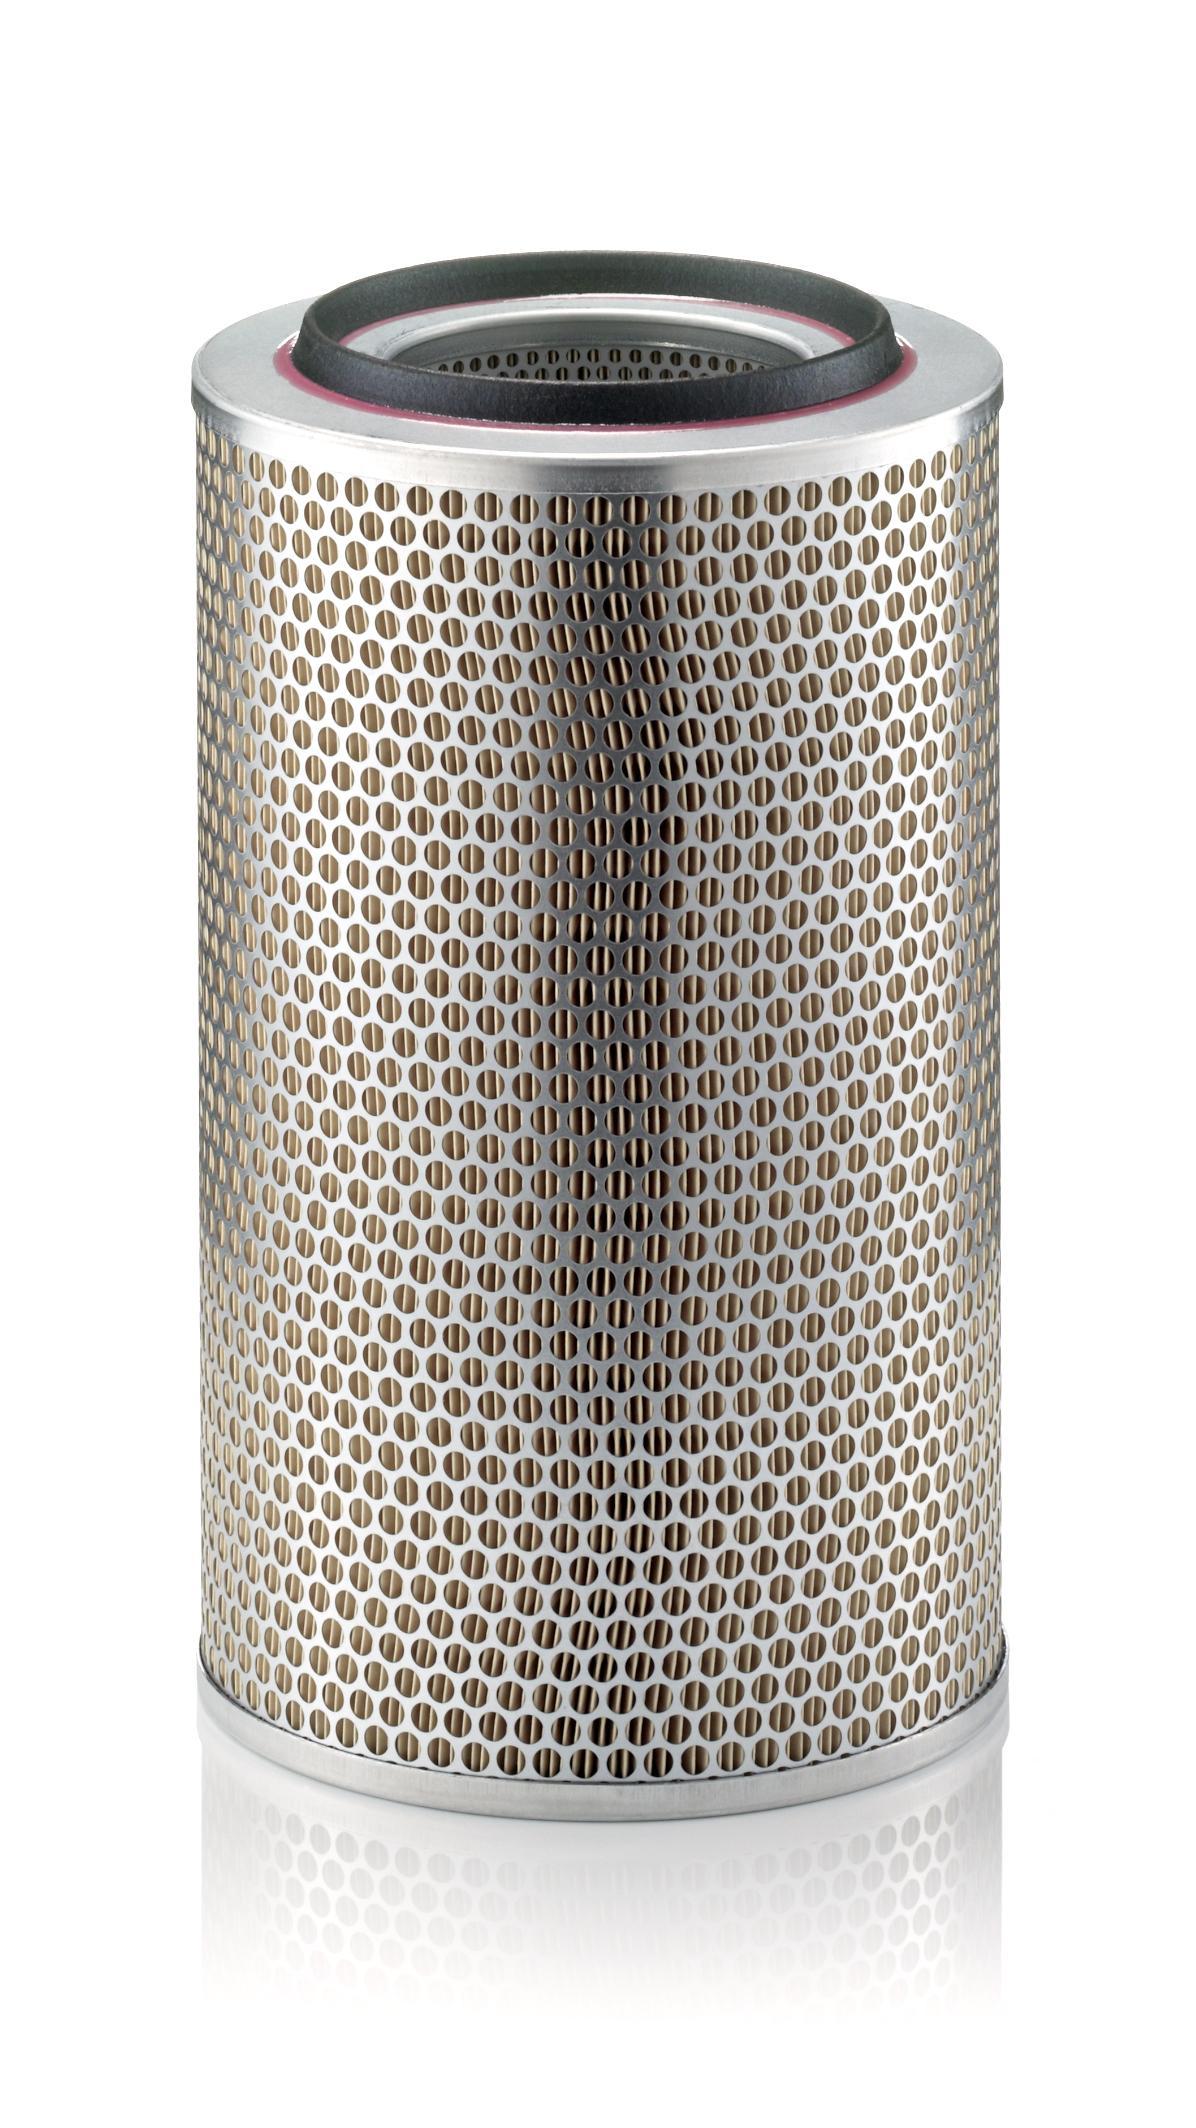 C 23 440/1 MANN-FILTER Luftfilter für RENAULT TRUCKS Midlum jetzt kaufen